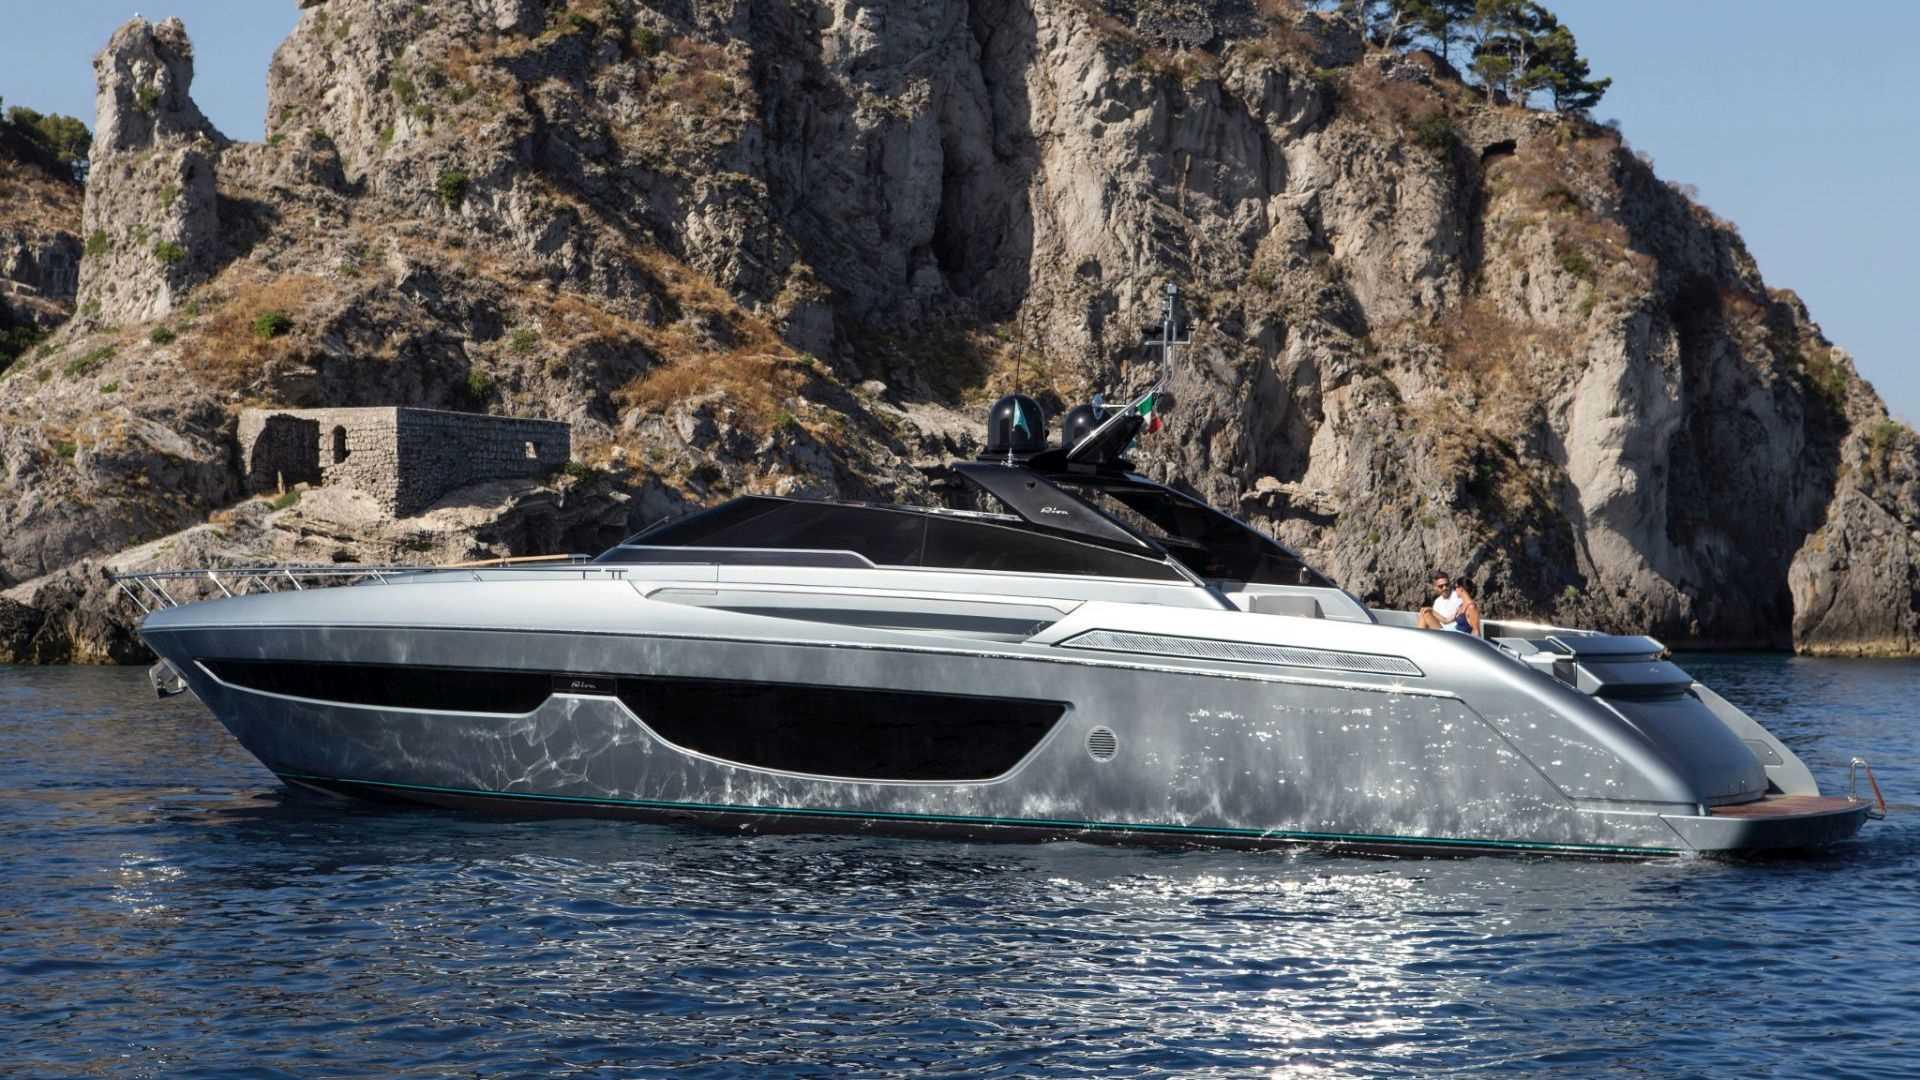 Riva-76-Bahamas-exteriores (2)